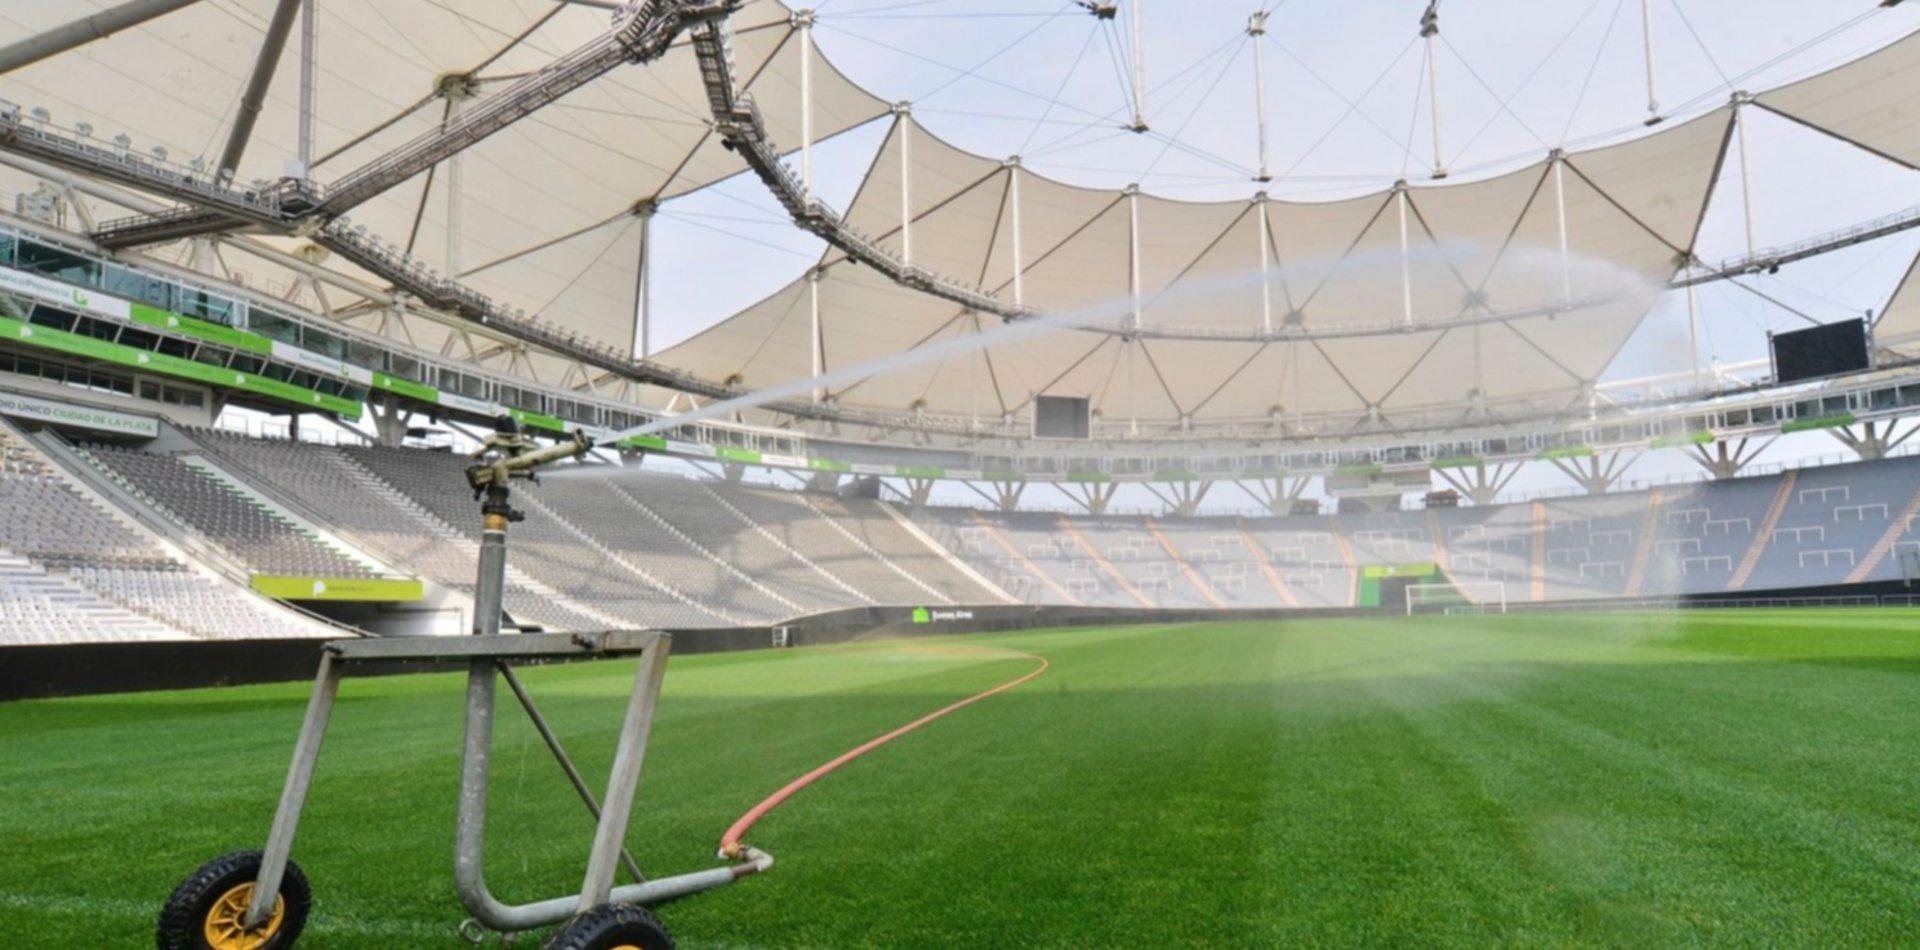 La Selección argentina jugará en La Plata: ¿qué partidos se disputarán en el Único?